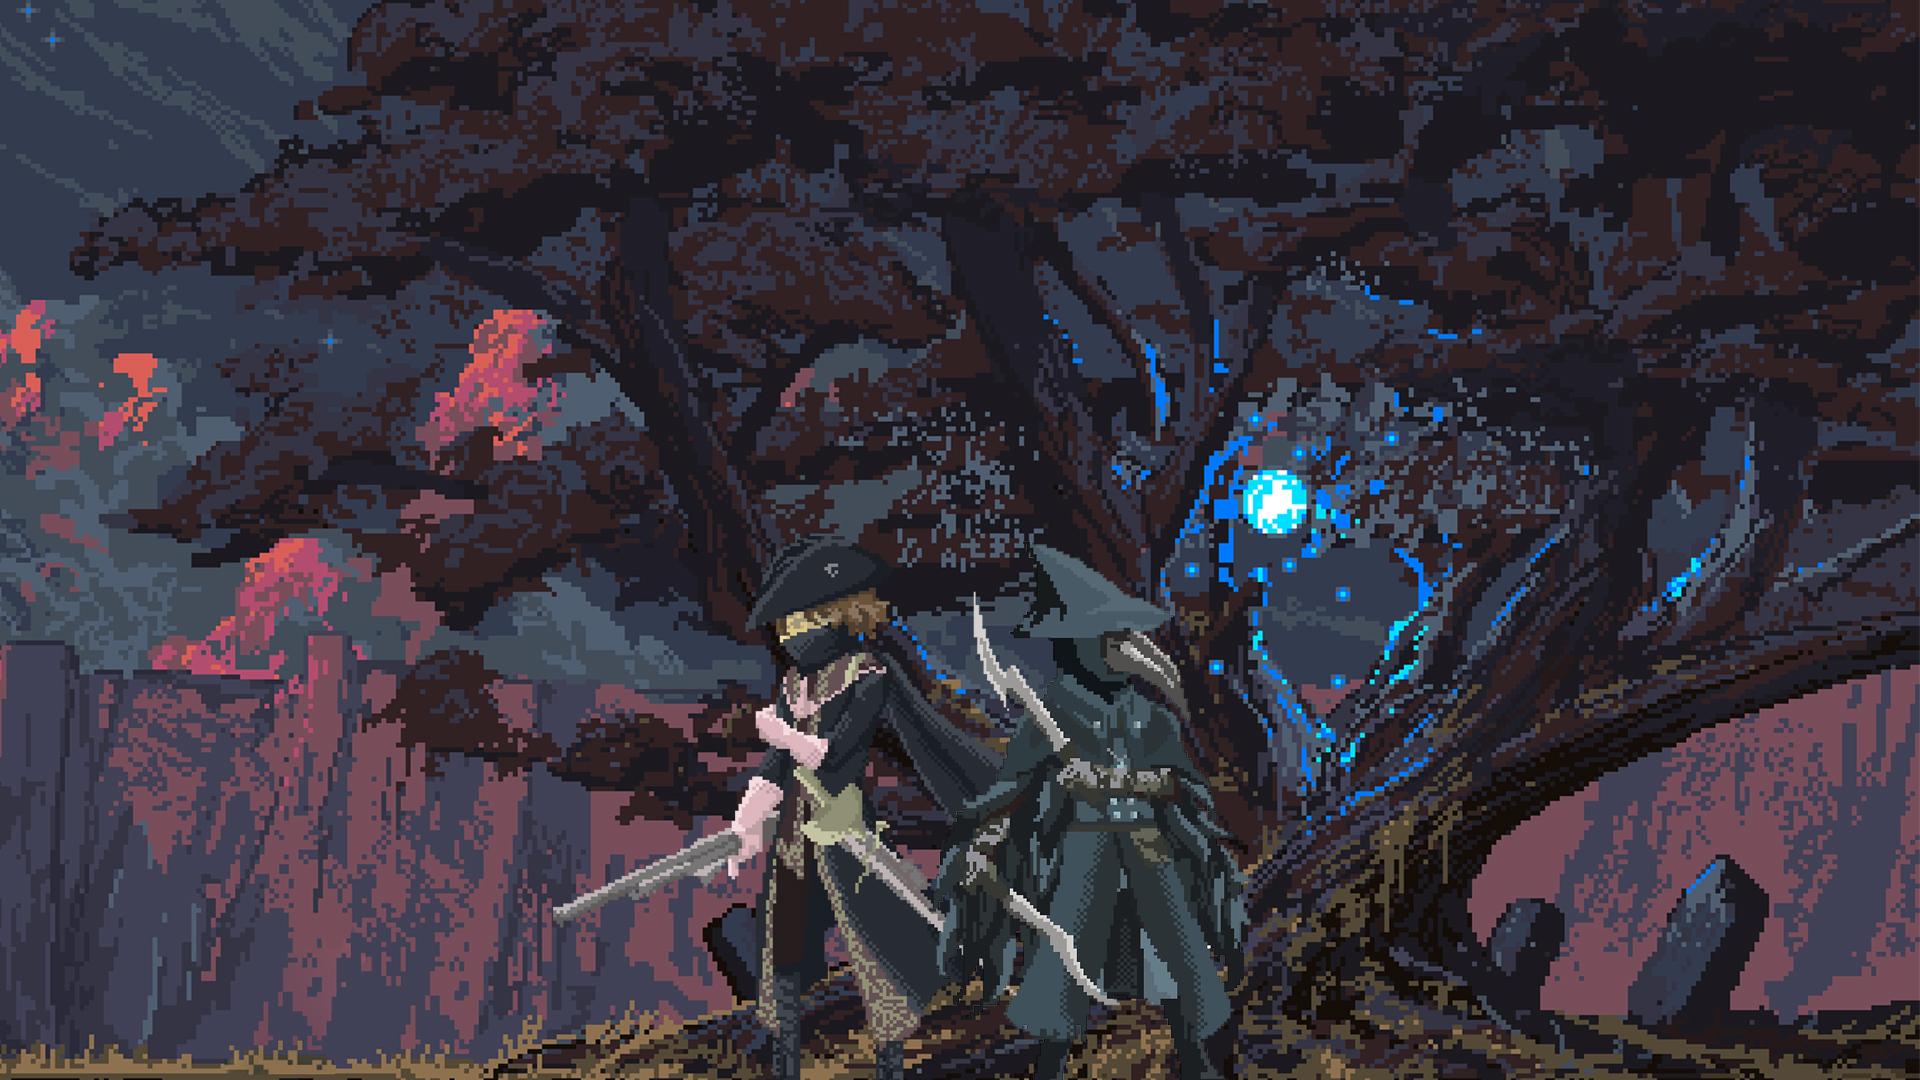 Pixel Bloodborne Hunter And Eileen By Janswer On Deviantart